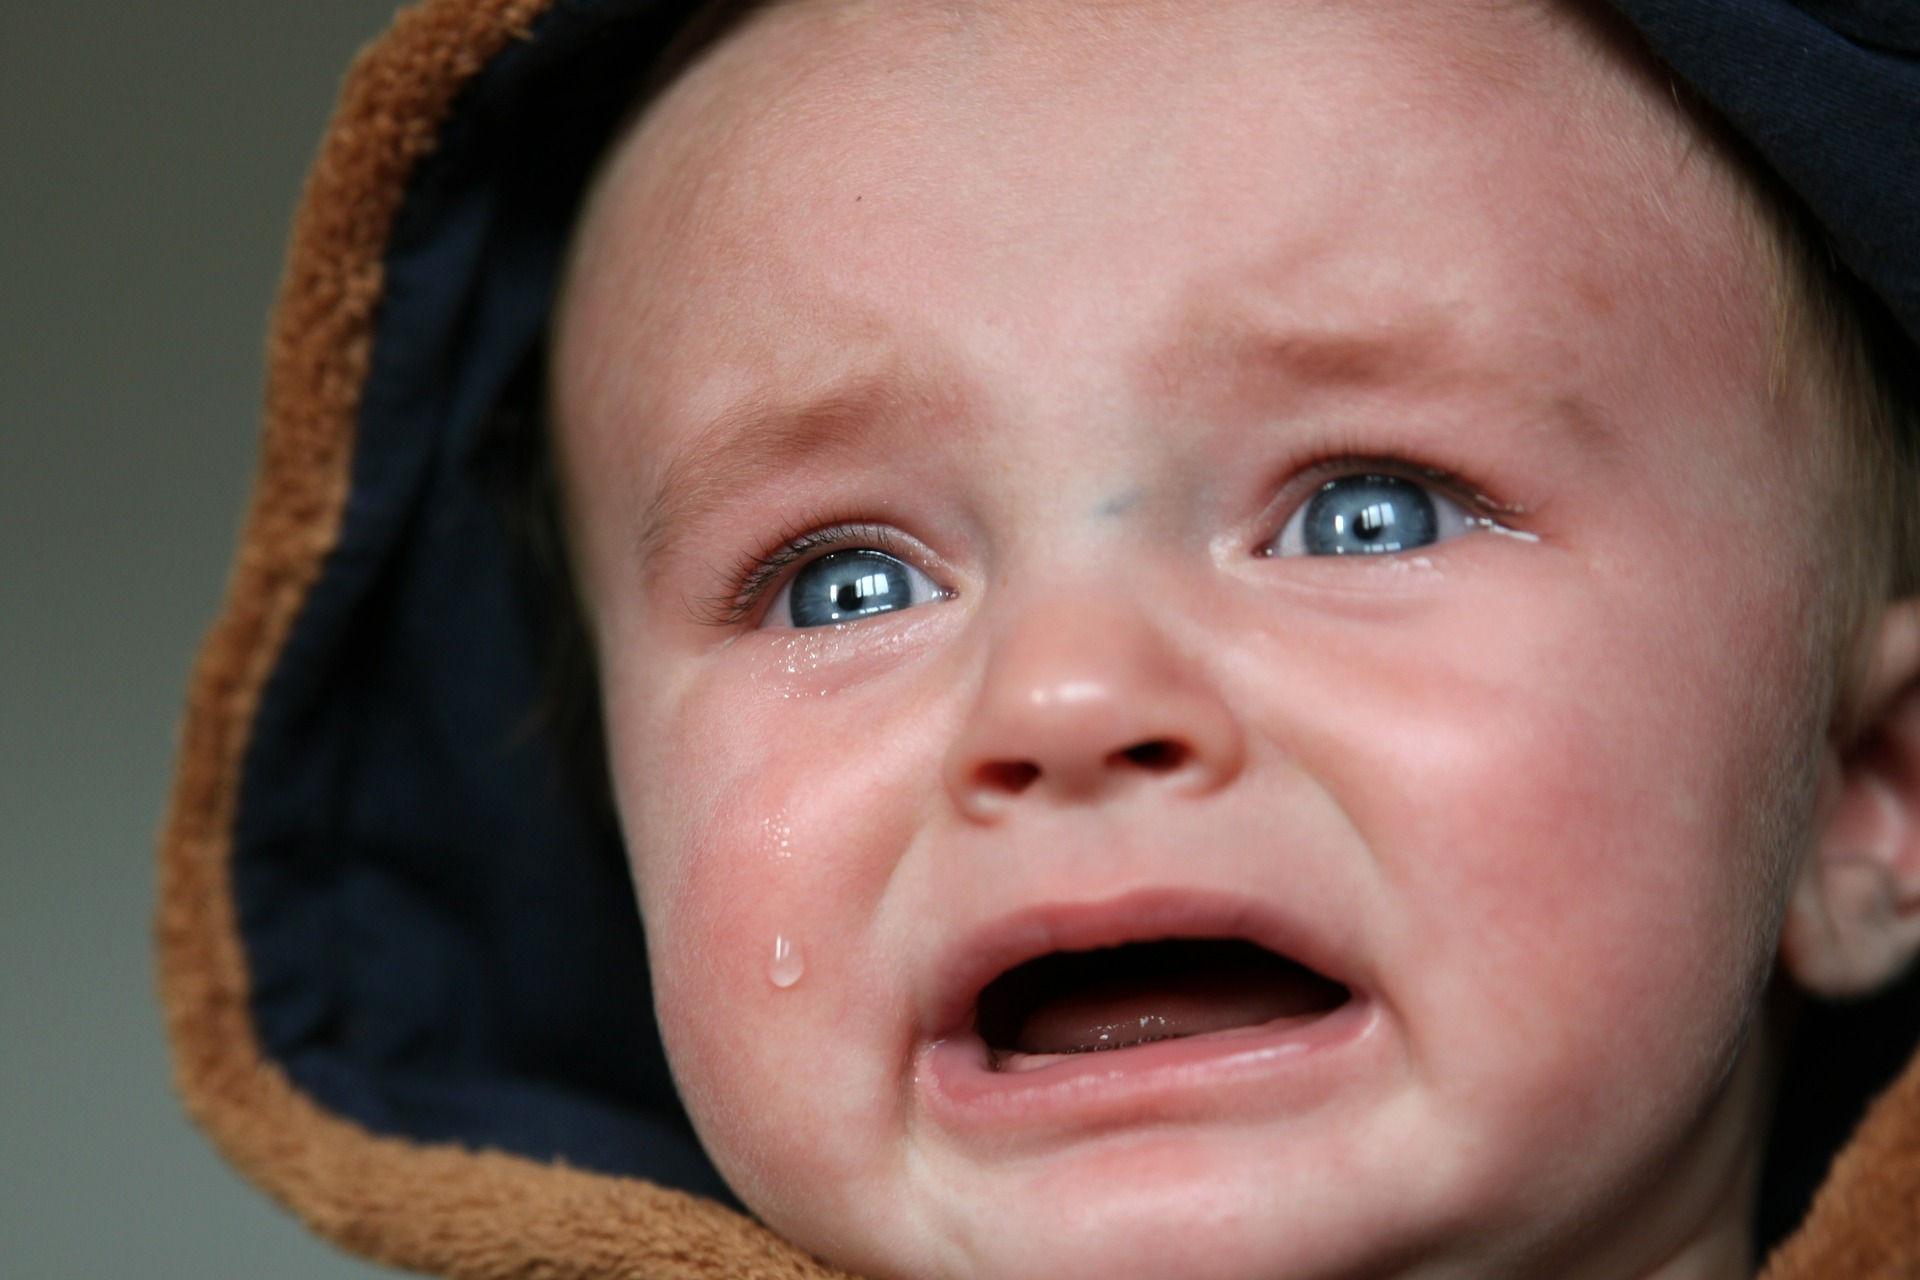 Baby crying. Photo credit: TaniaVdB on Pixabay.